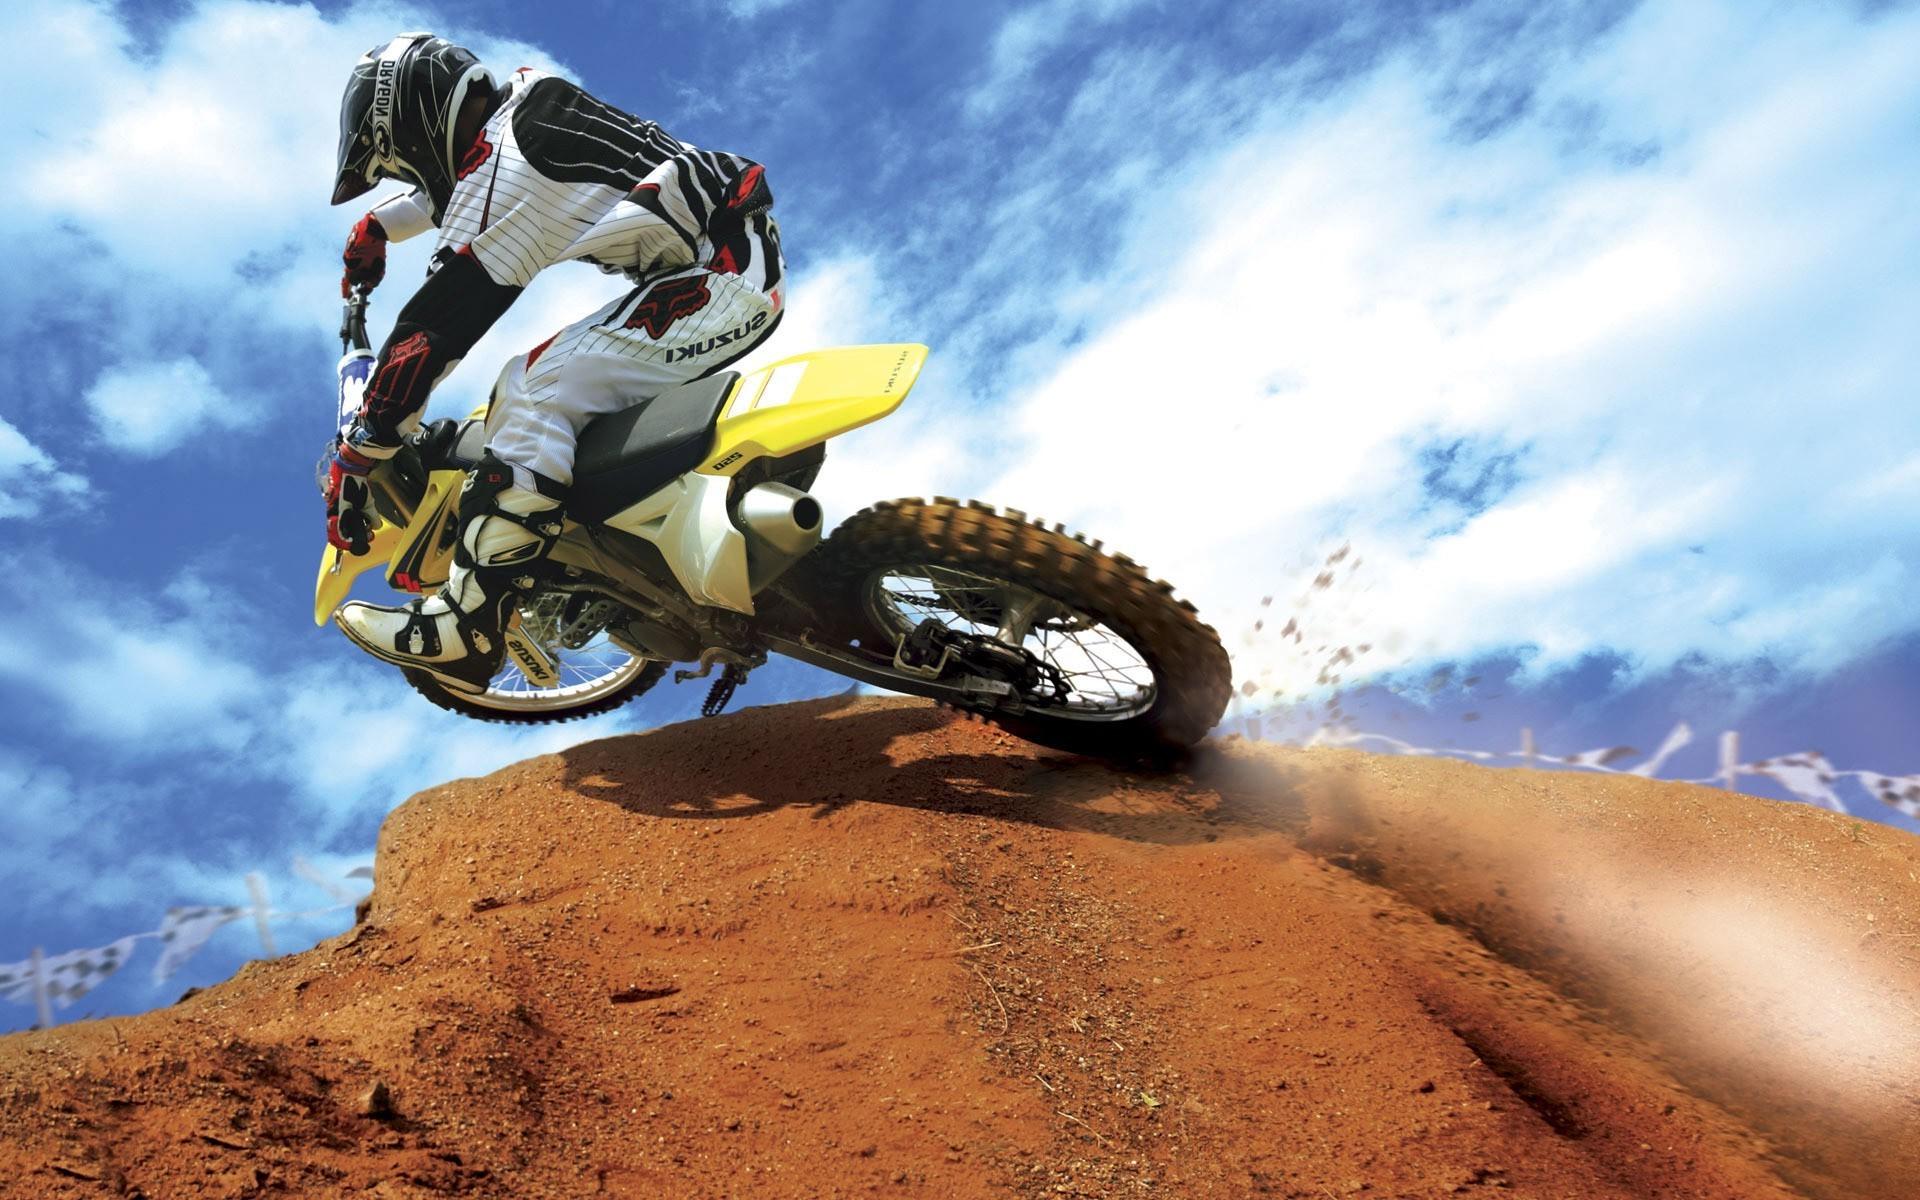 спортивный мотоцикл спорт sports motorcycle скачать